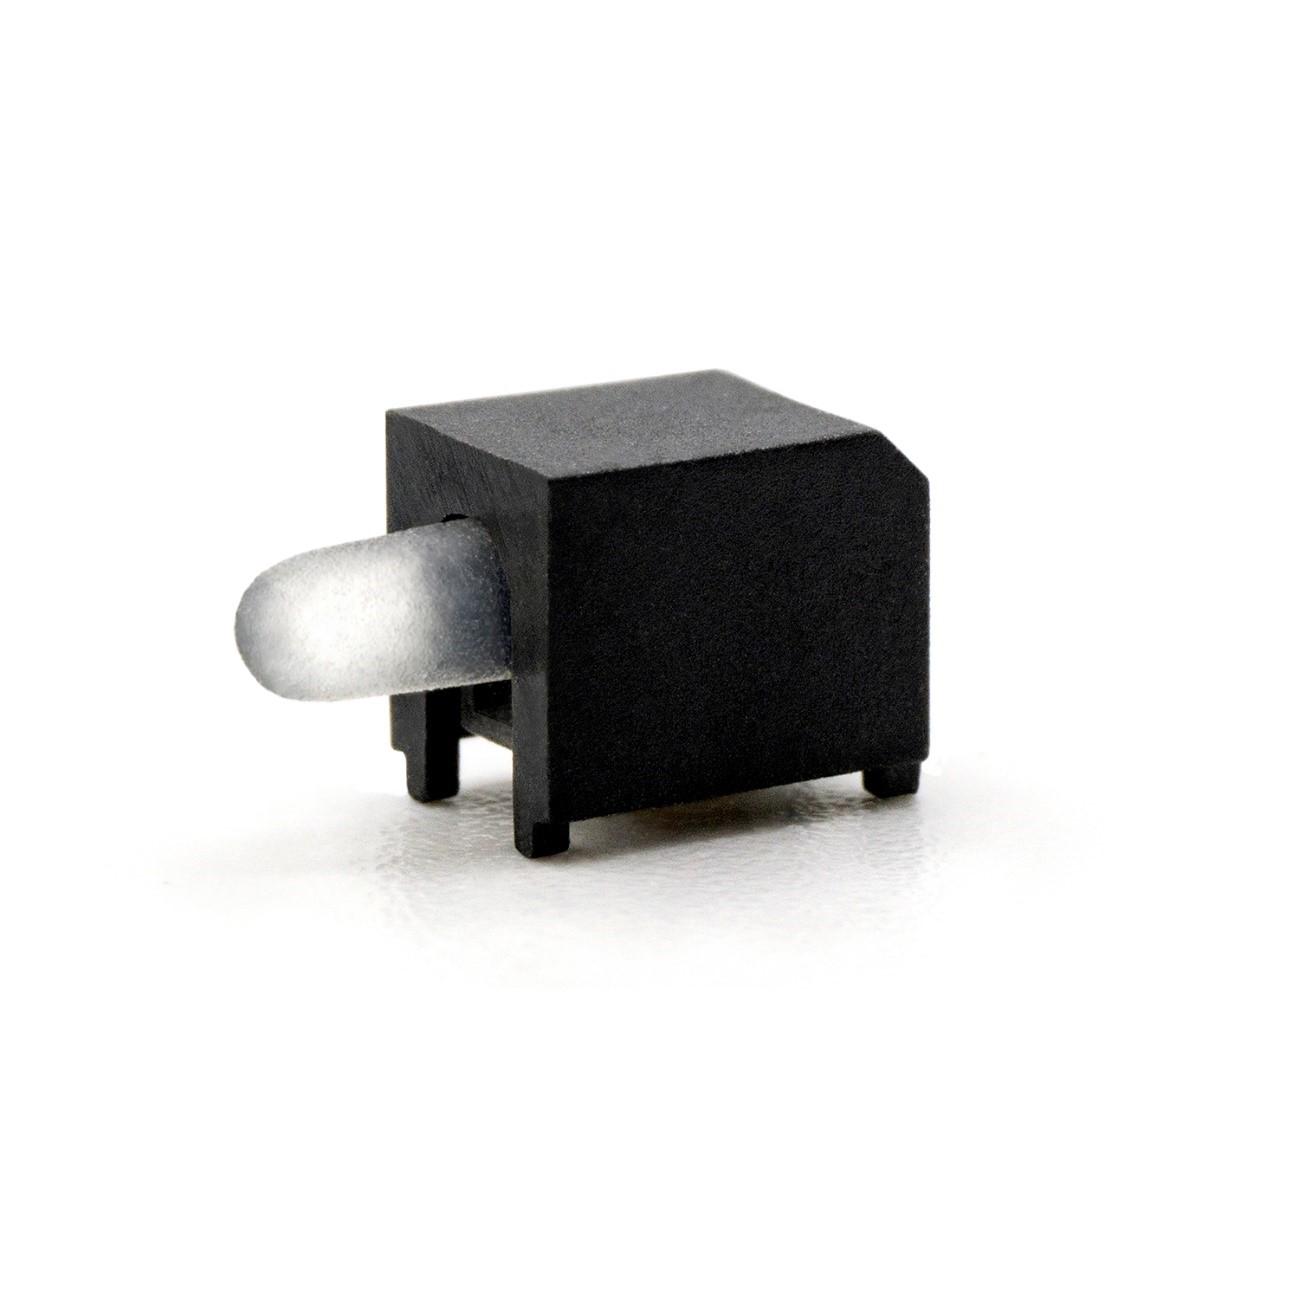 【ReSPR(レスパー):空気除菌脱臭装置】製品ラインナップ②:インダクト/ダクトステーションタイプ